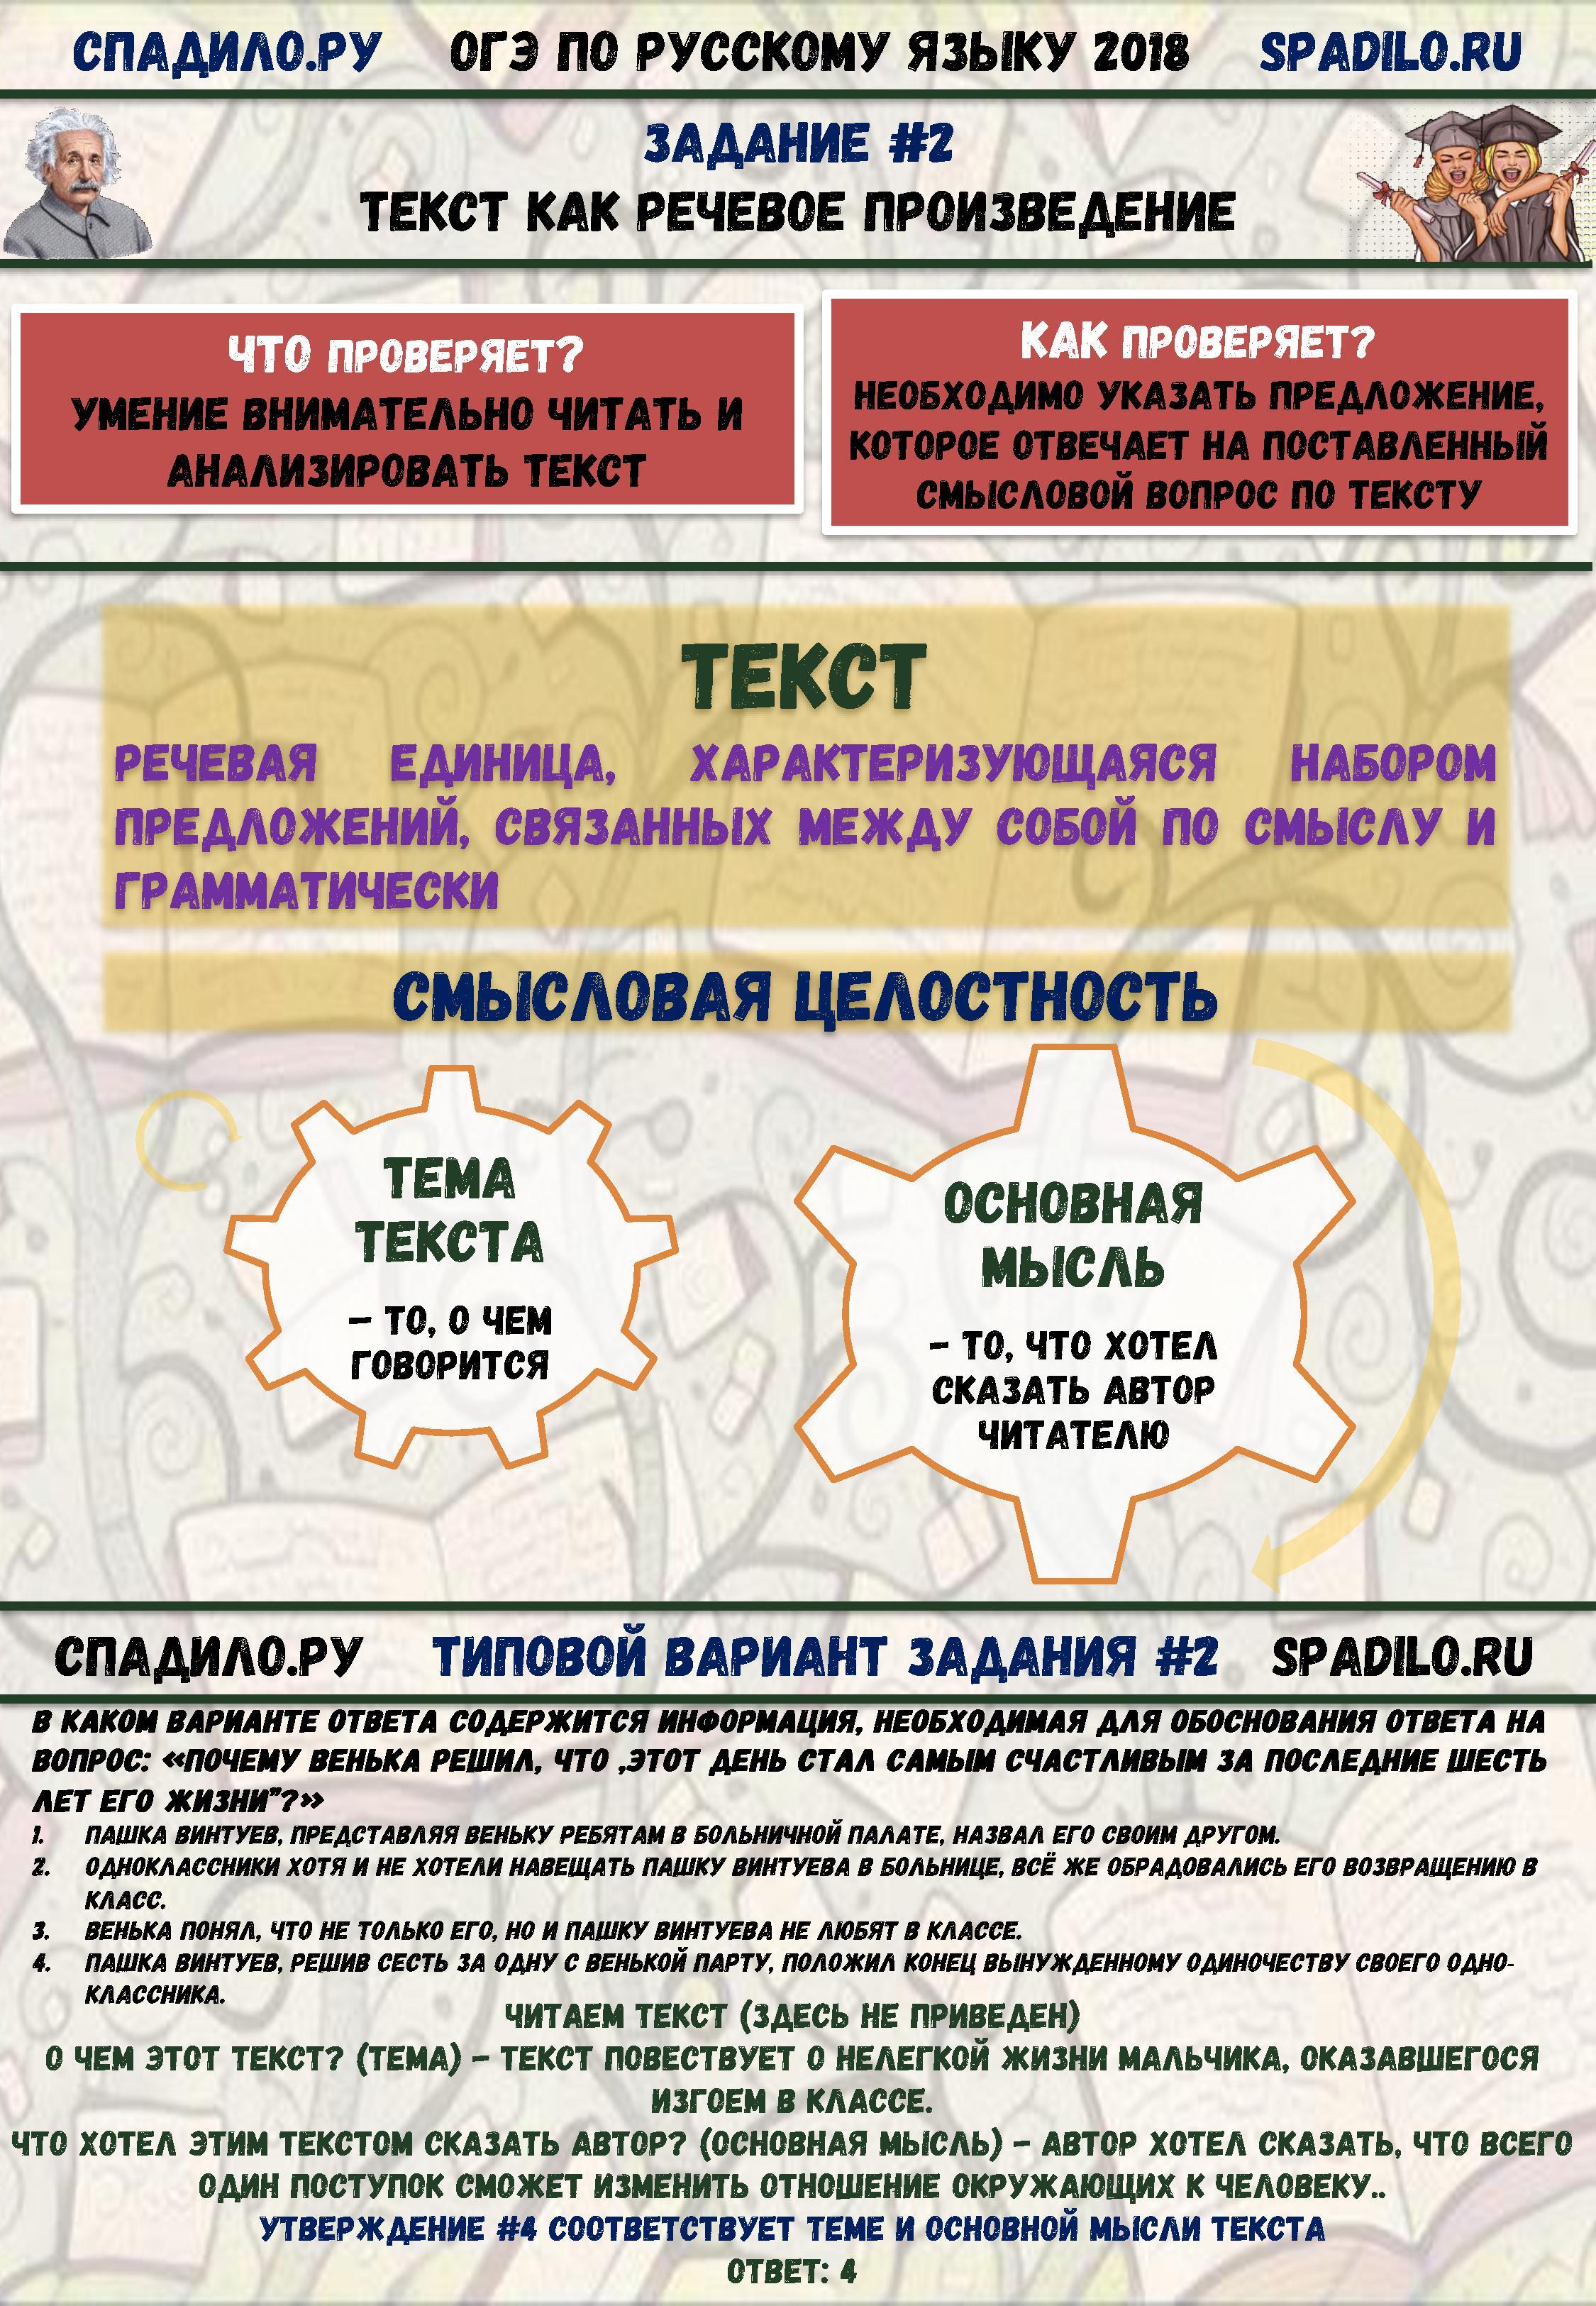 Задание №2 ОГЭ по русскому - ИНФОГРАФИКА